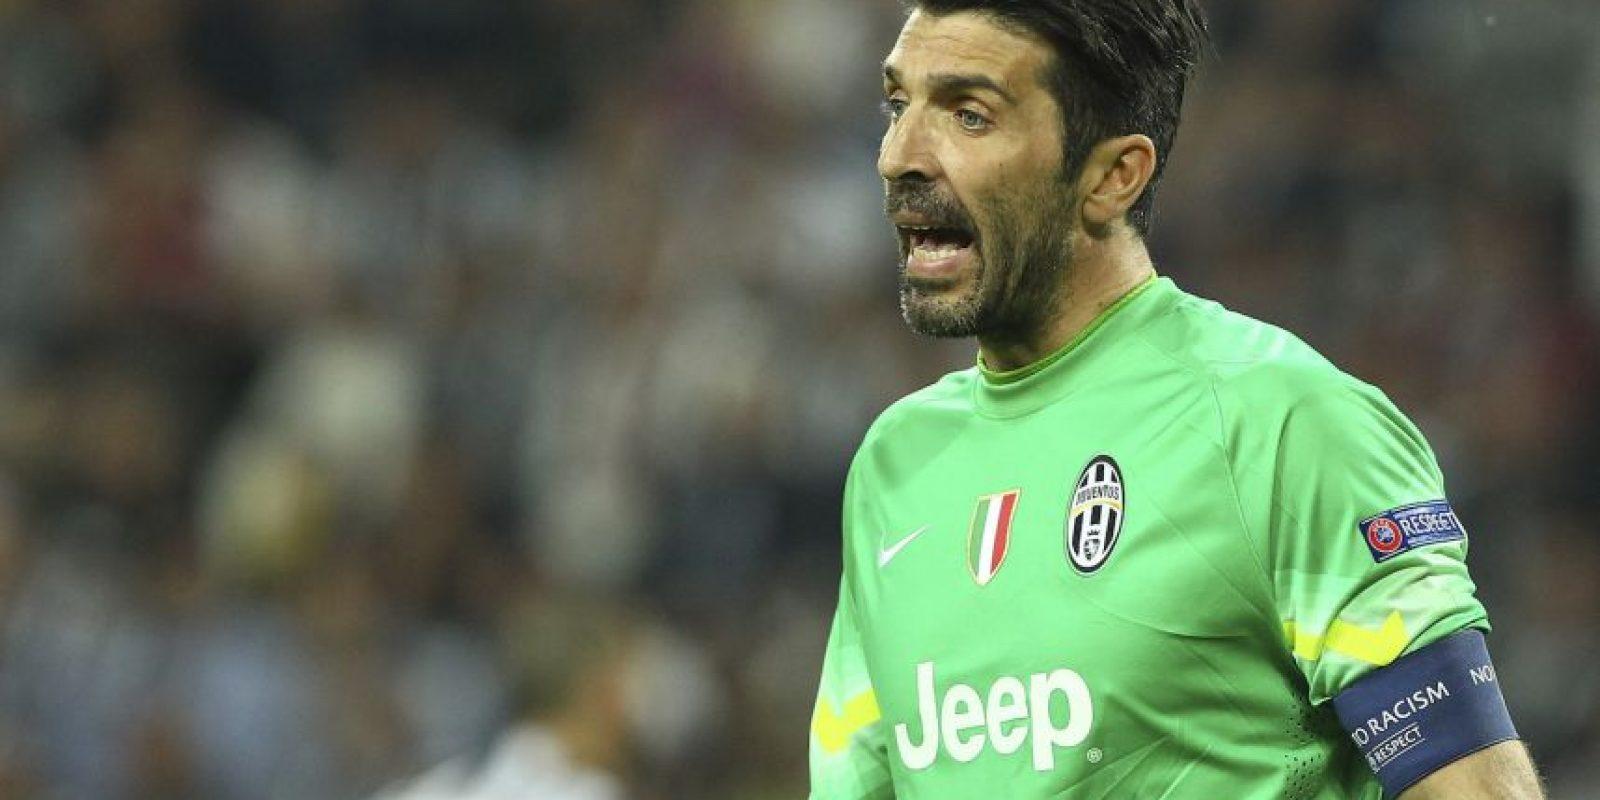 El veterano portero Gianluigi Buffon se encuentra en un gran momento. Foto:Getty Images